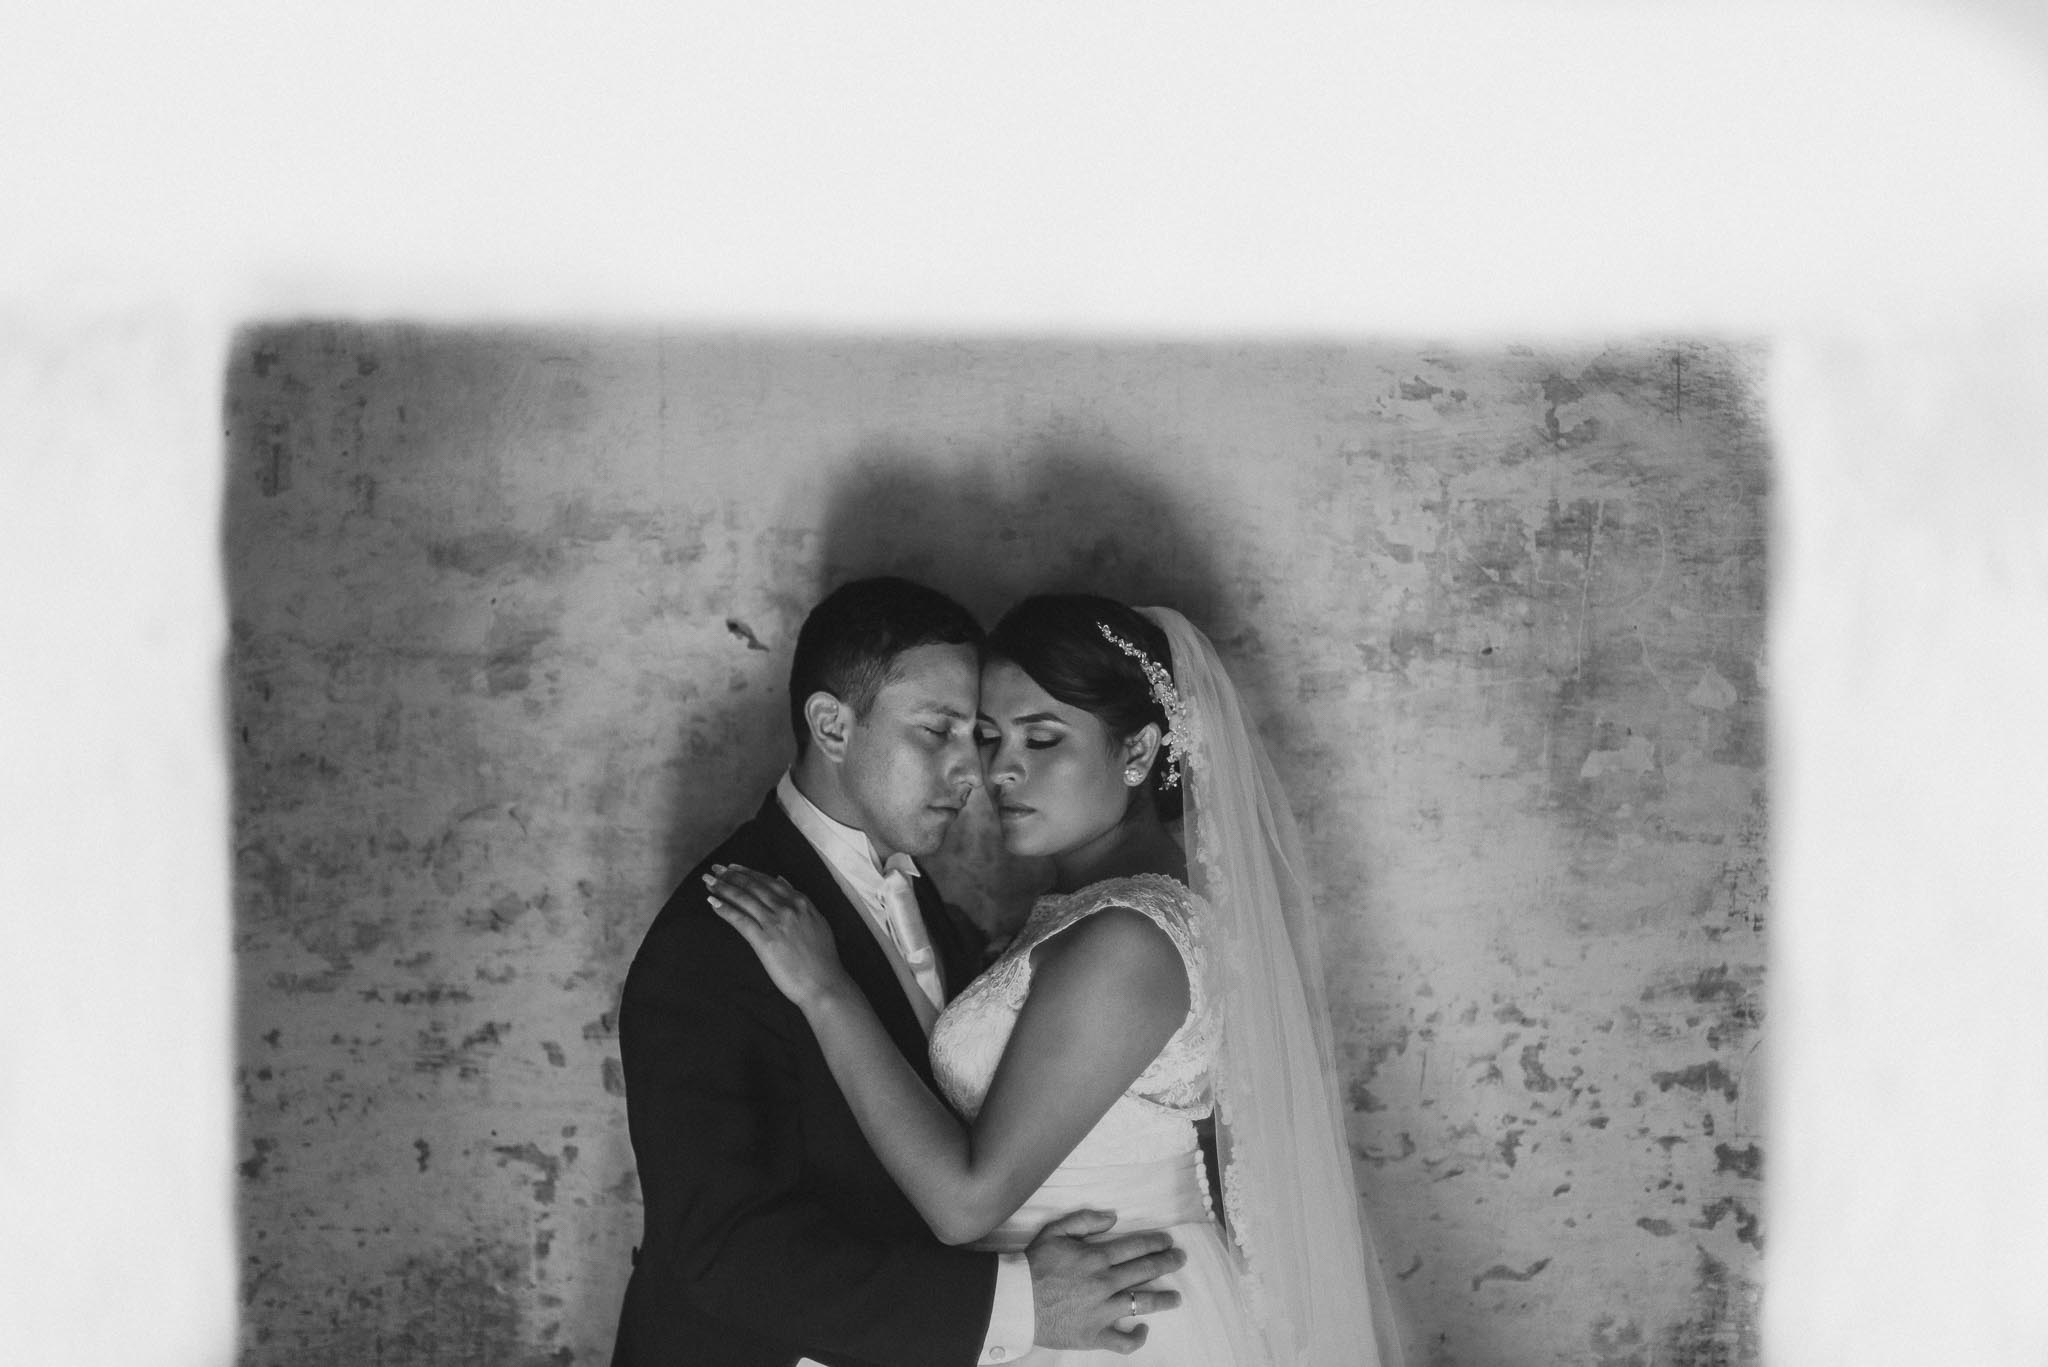 Boda-Claudina_Y_Brandon-Antigua_Guatemala-Convento-Santa_Clara-Ruina-Wedding-destination-bodas_juan_salazar-juansalazarphoto-Fotografo_de_bodas-Guatemala